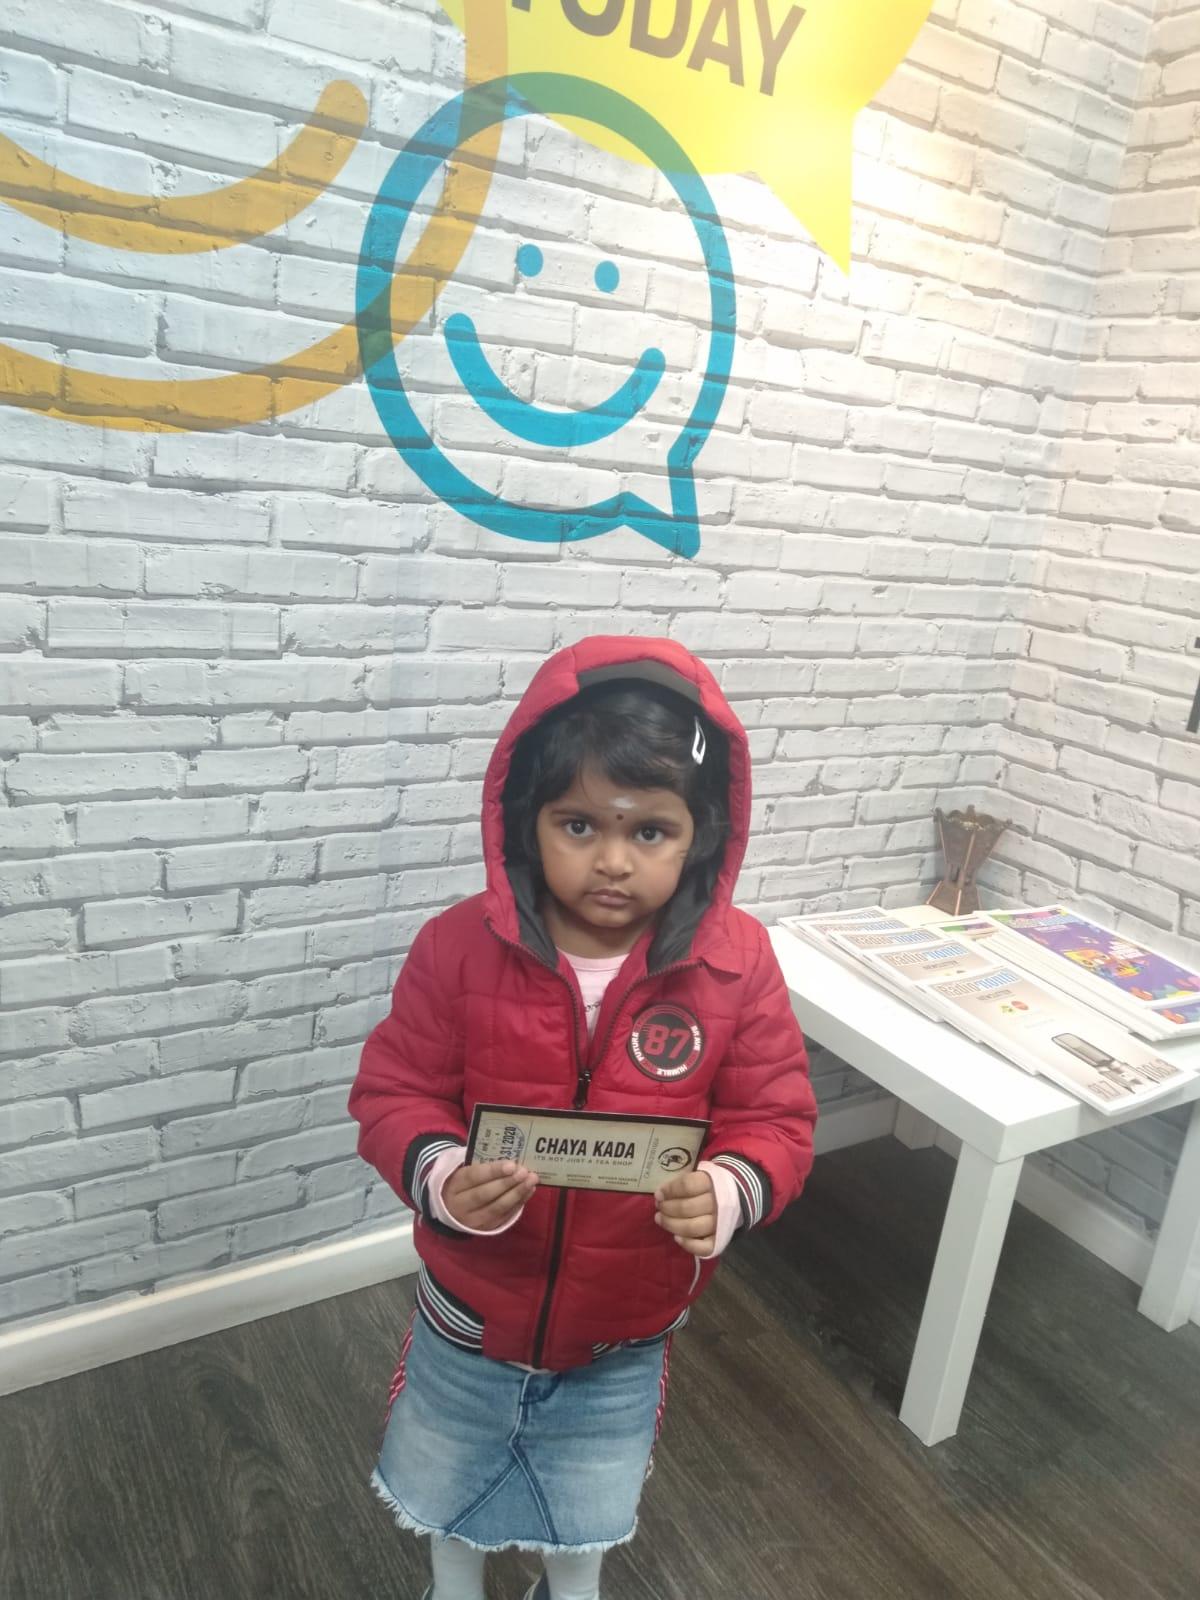 Chayakkada voucher winner